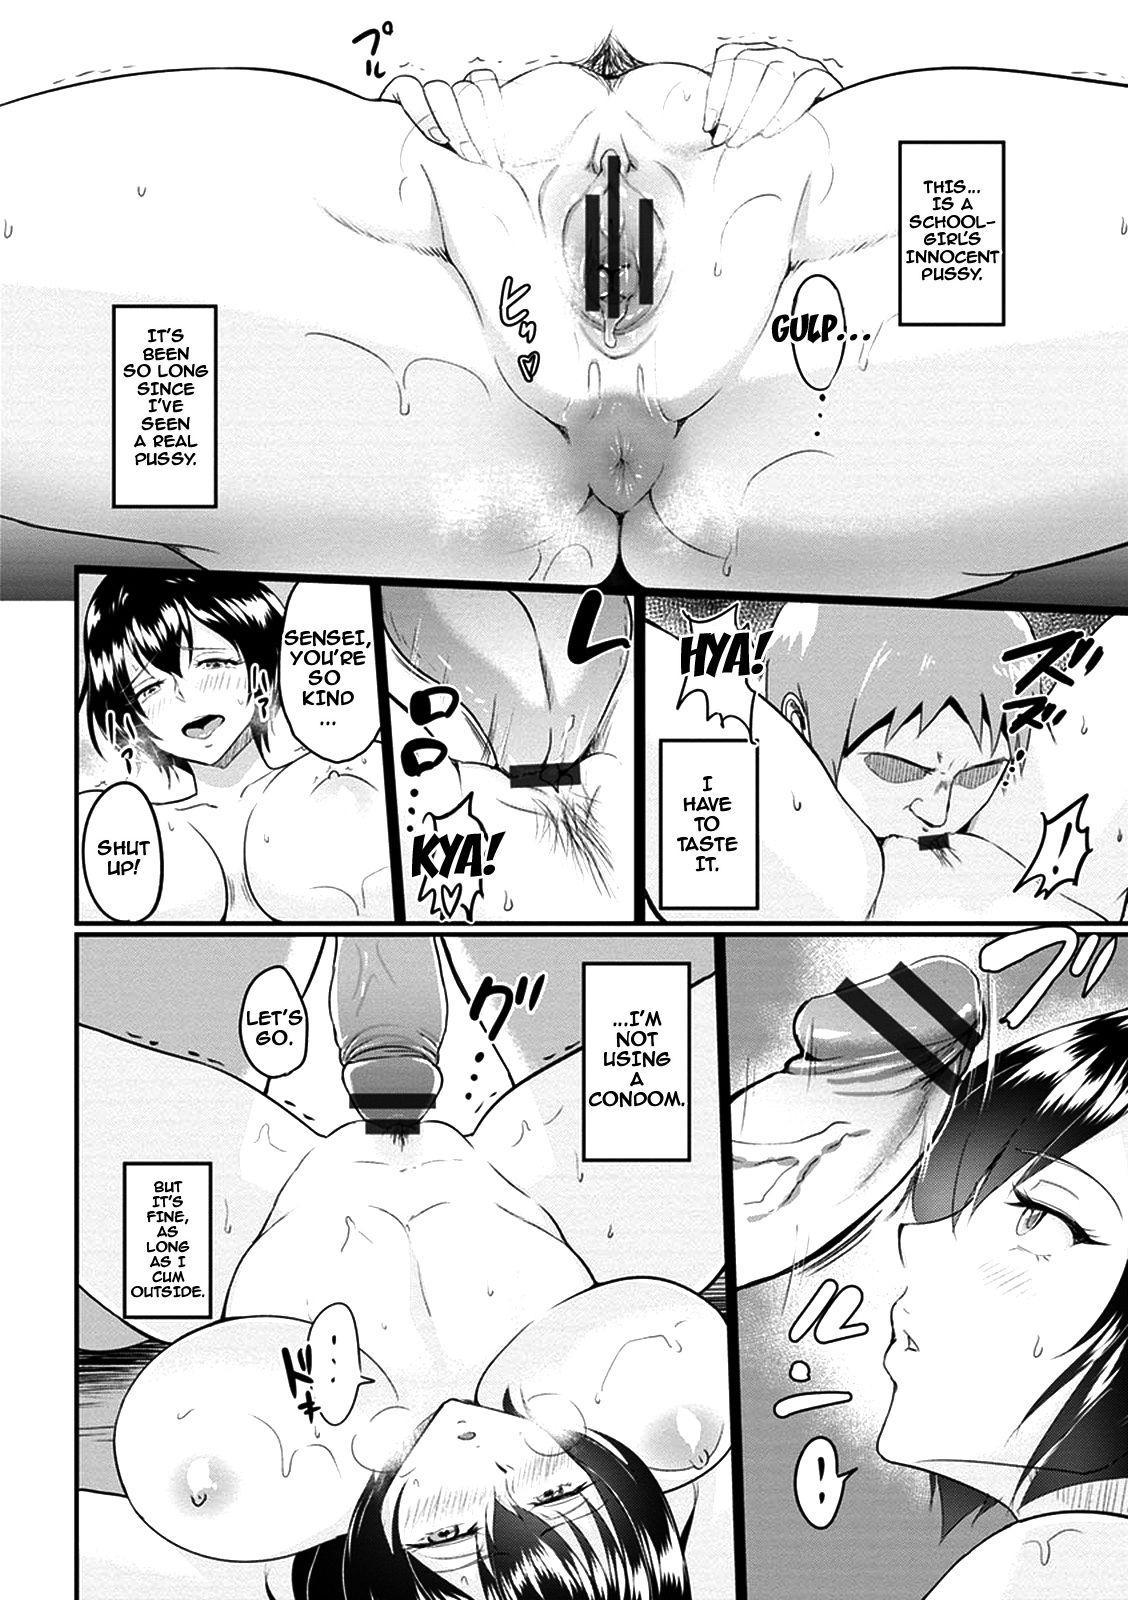 [bifidus] Harada-san no Kaerimichi | Harada-san's Way Home (Kimi o Sasou Uzuki Ana) [English] {doujins.com} [Digital] 9